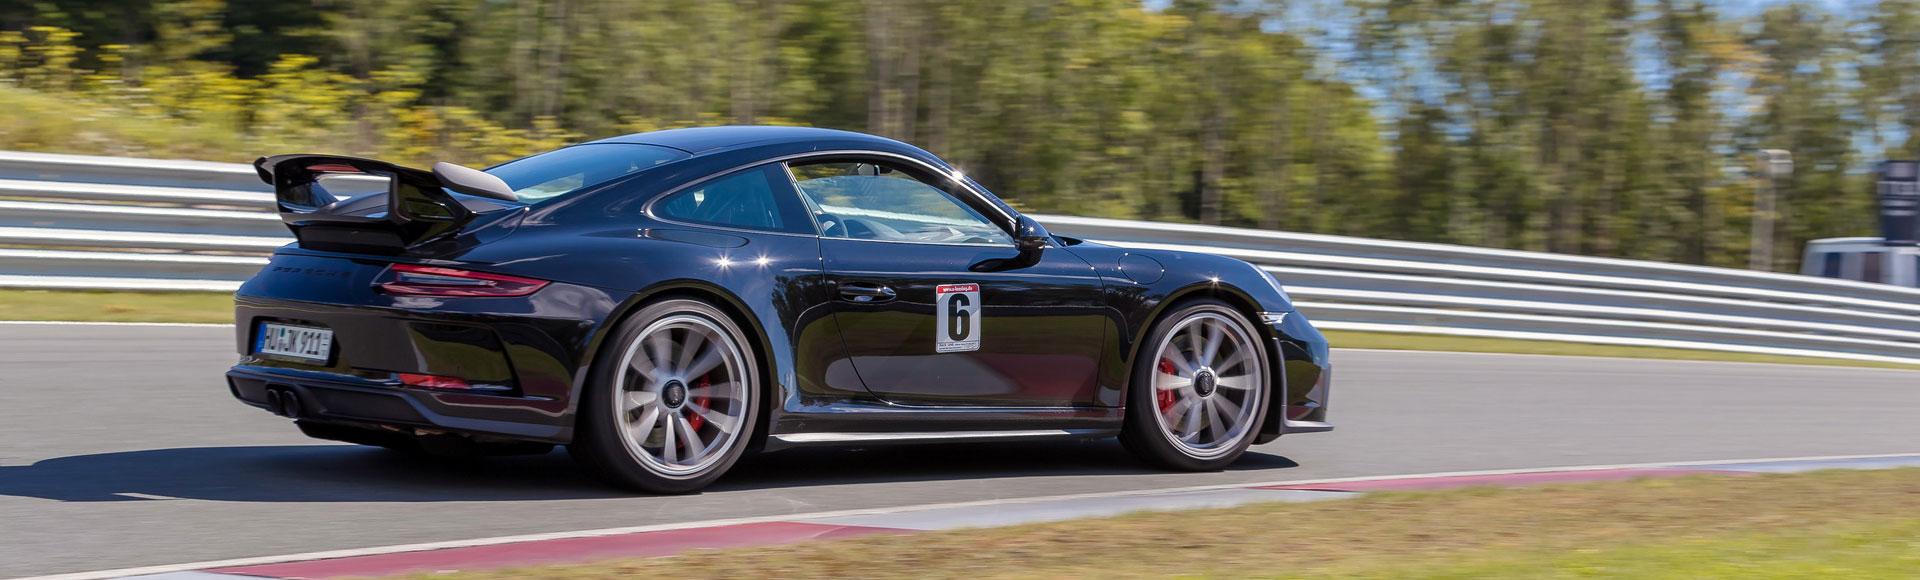 X Leasing Bilster Berg 2017 0968 2017 Porsche 991 GT3